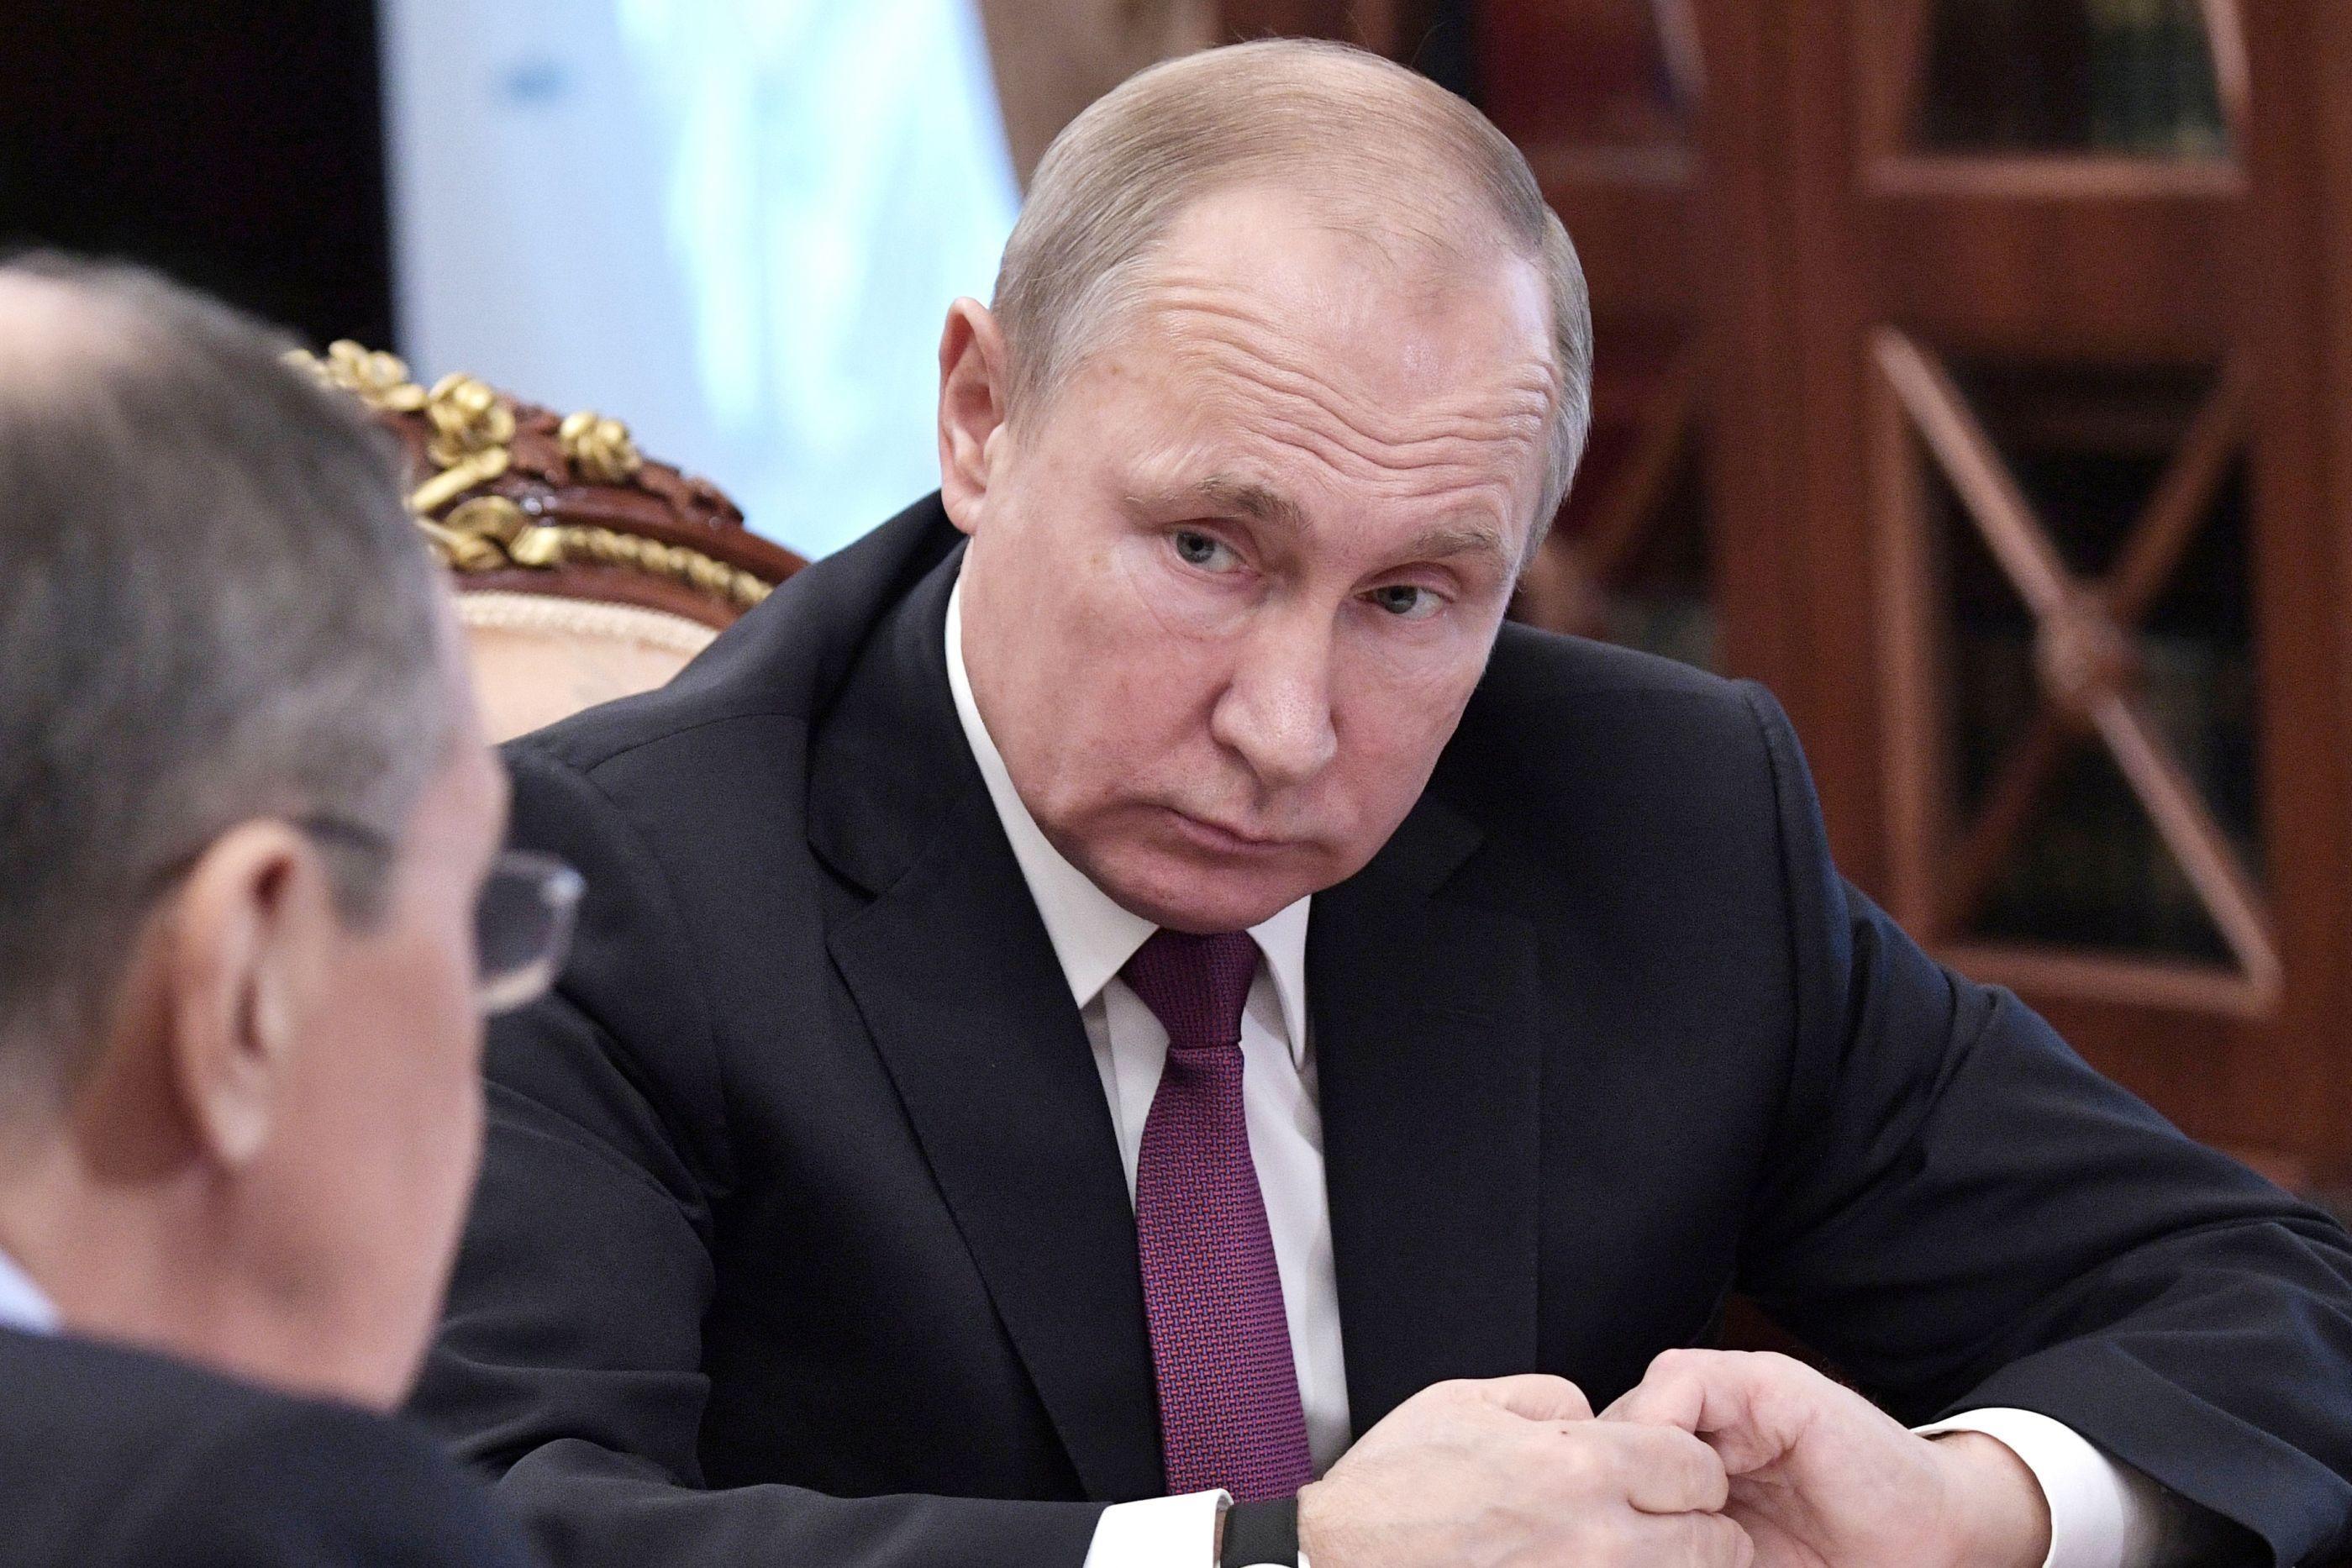 Rússia segue EUA e suspende tratado de desarmamento nuclear